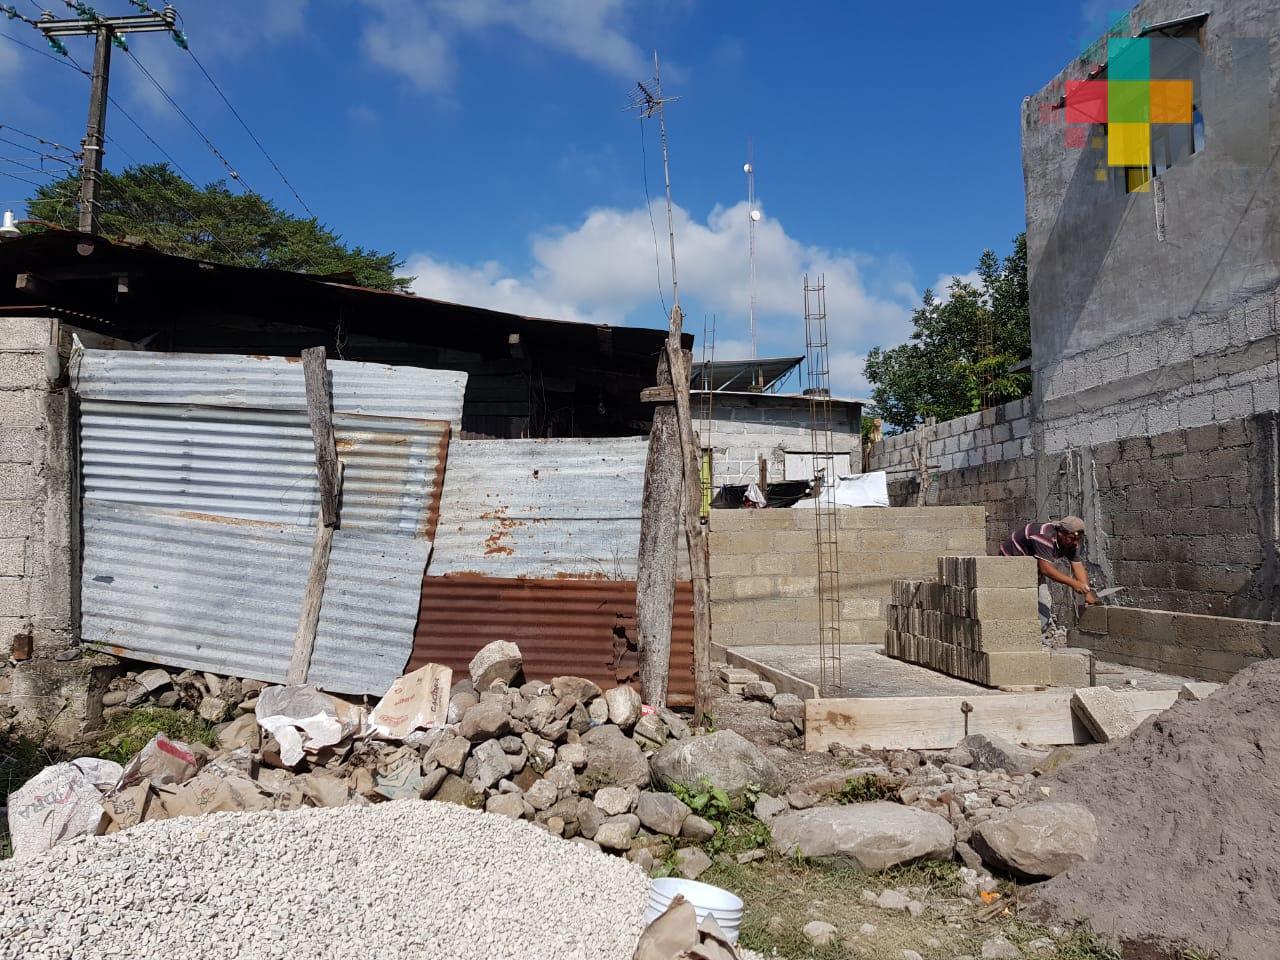 Avanza construcción de cuartos dormitorios en el municipio de Yanga